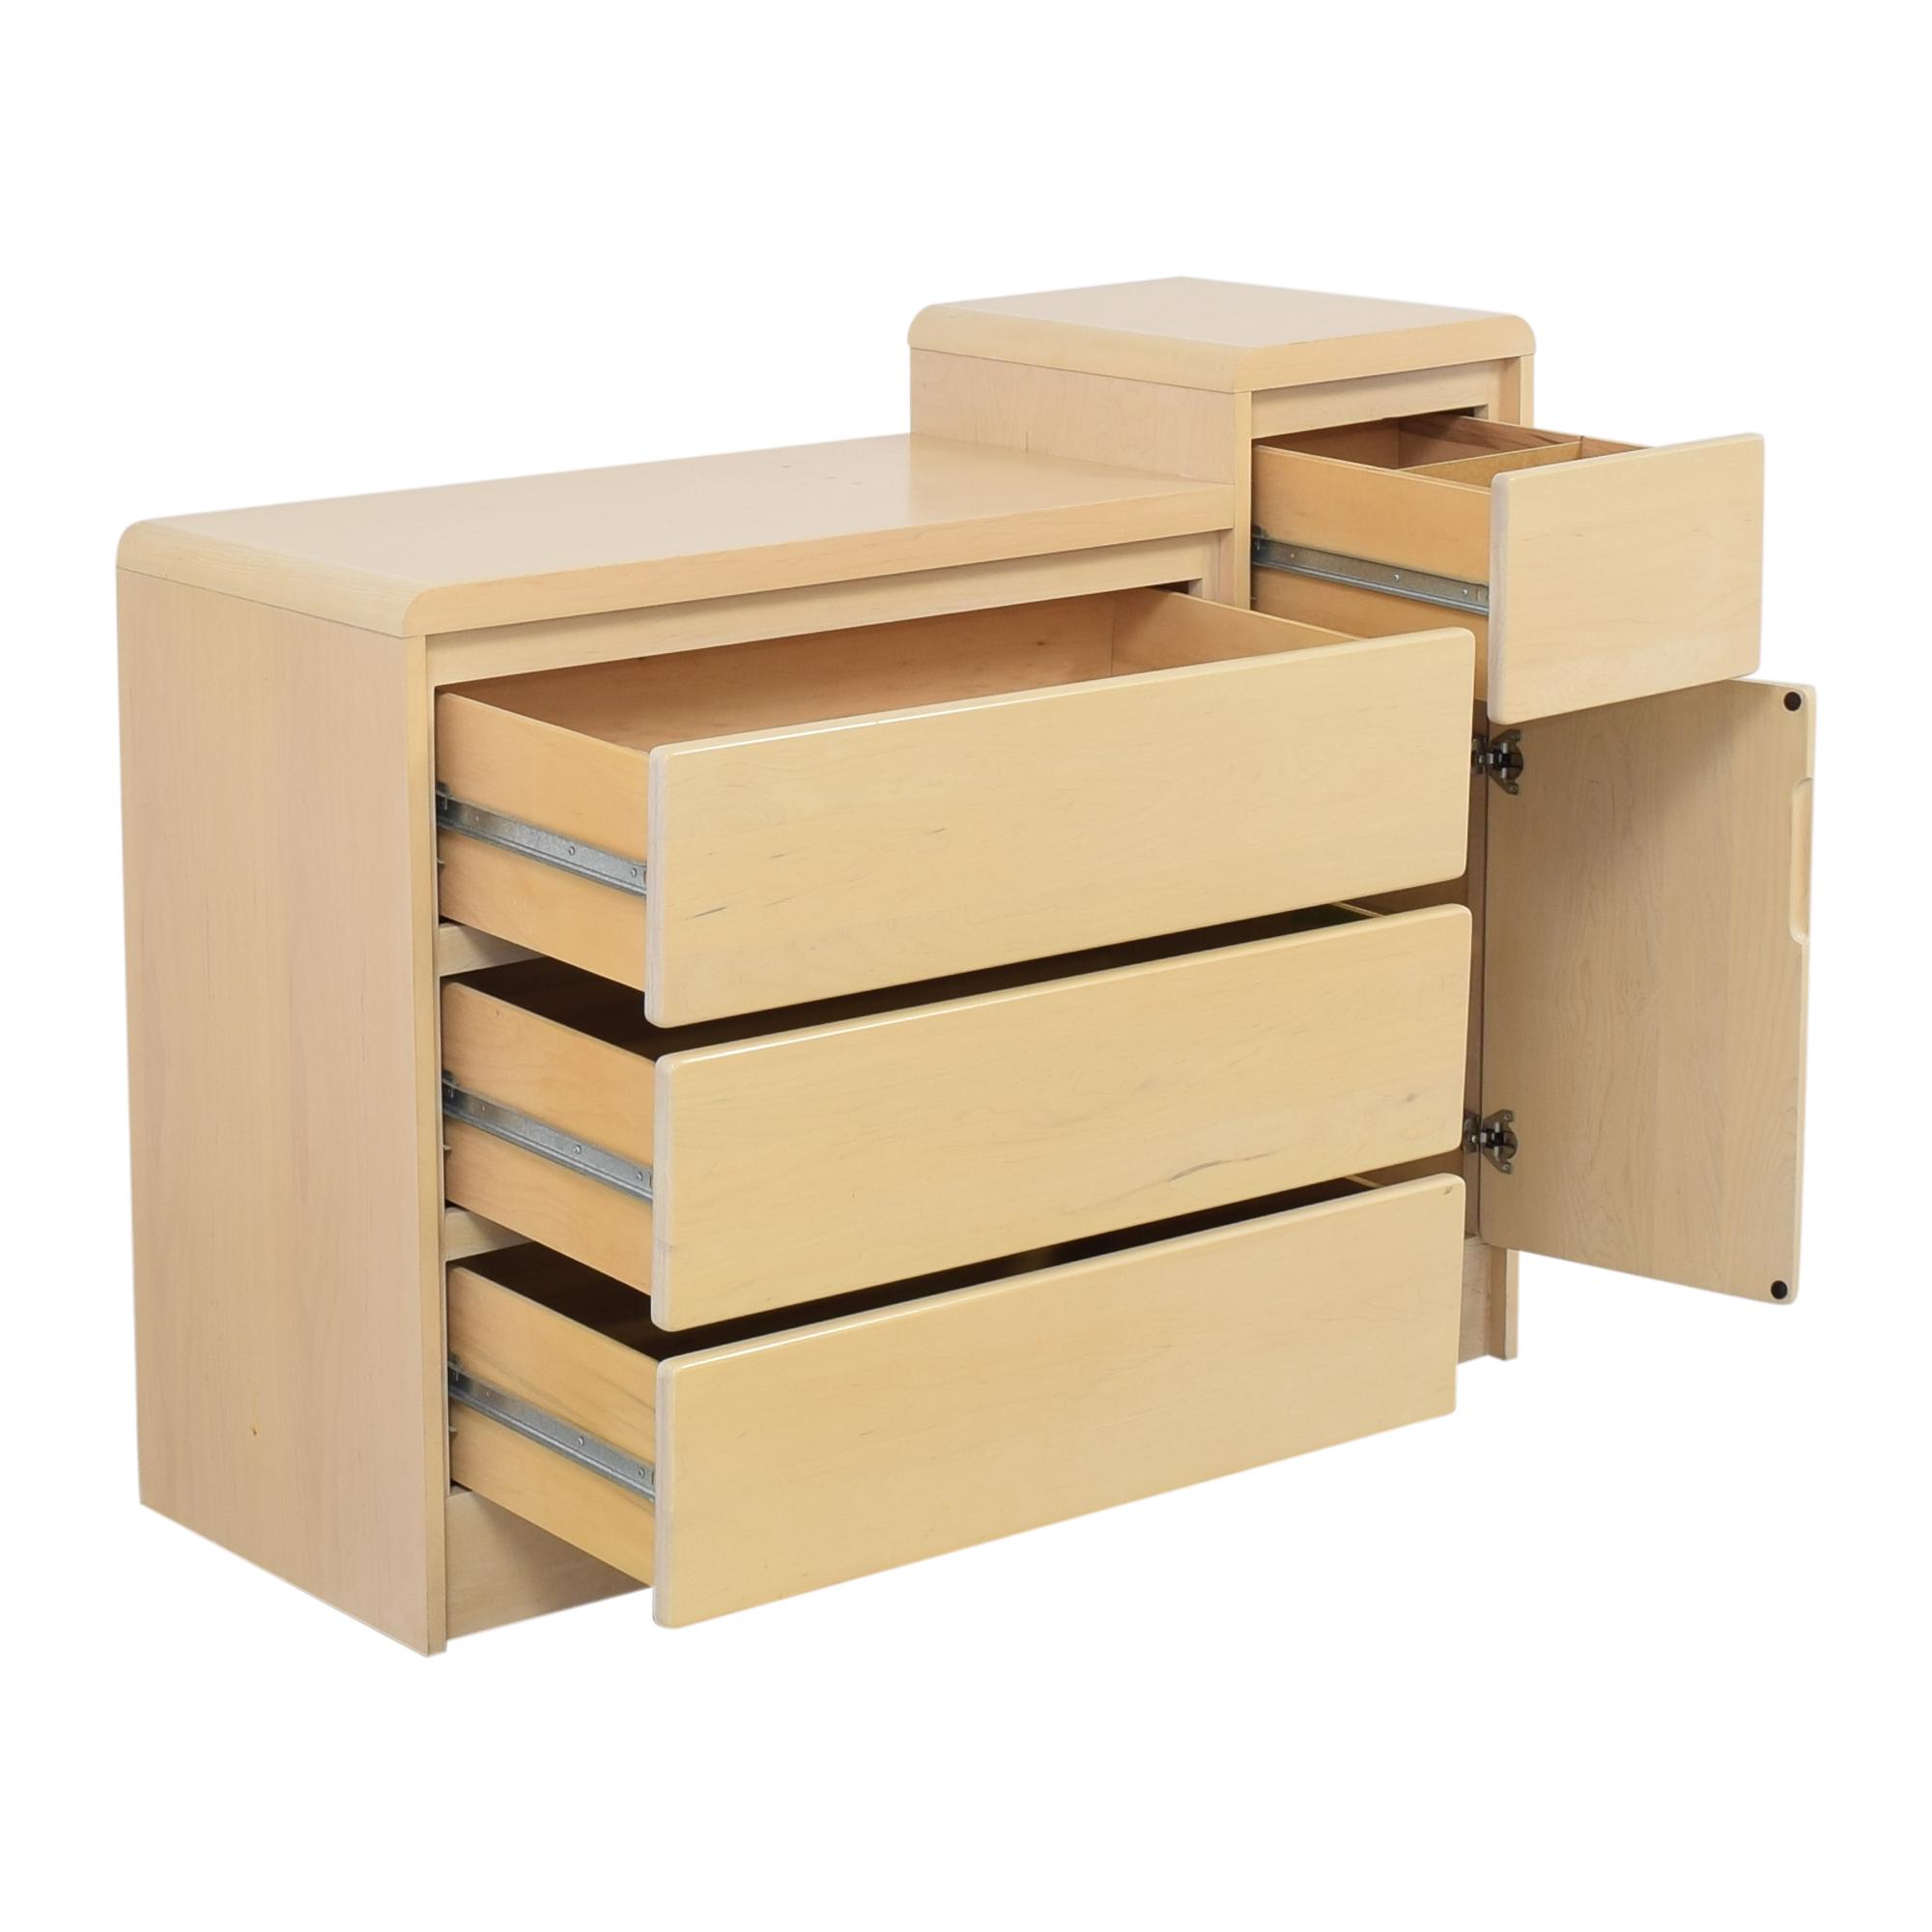 Childcraft Childcraft Dresser for sale